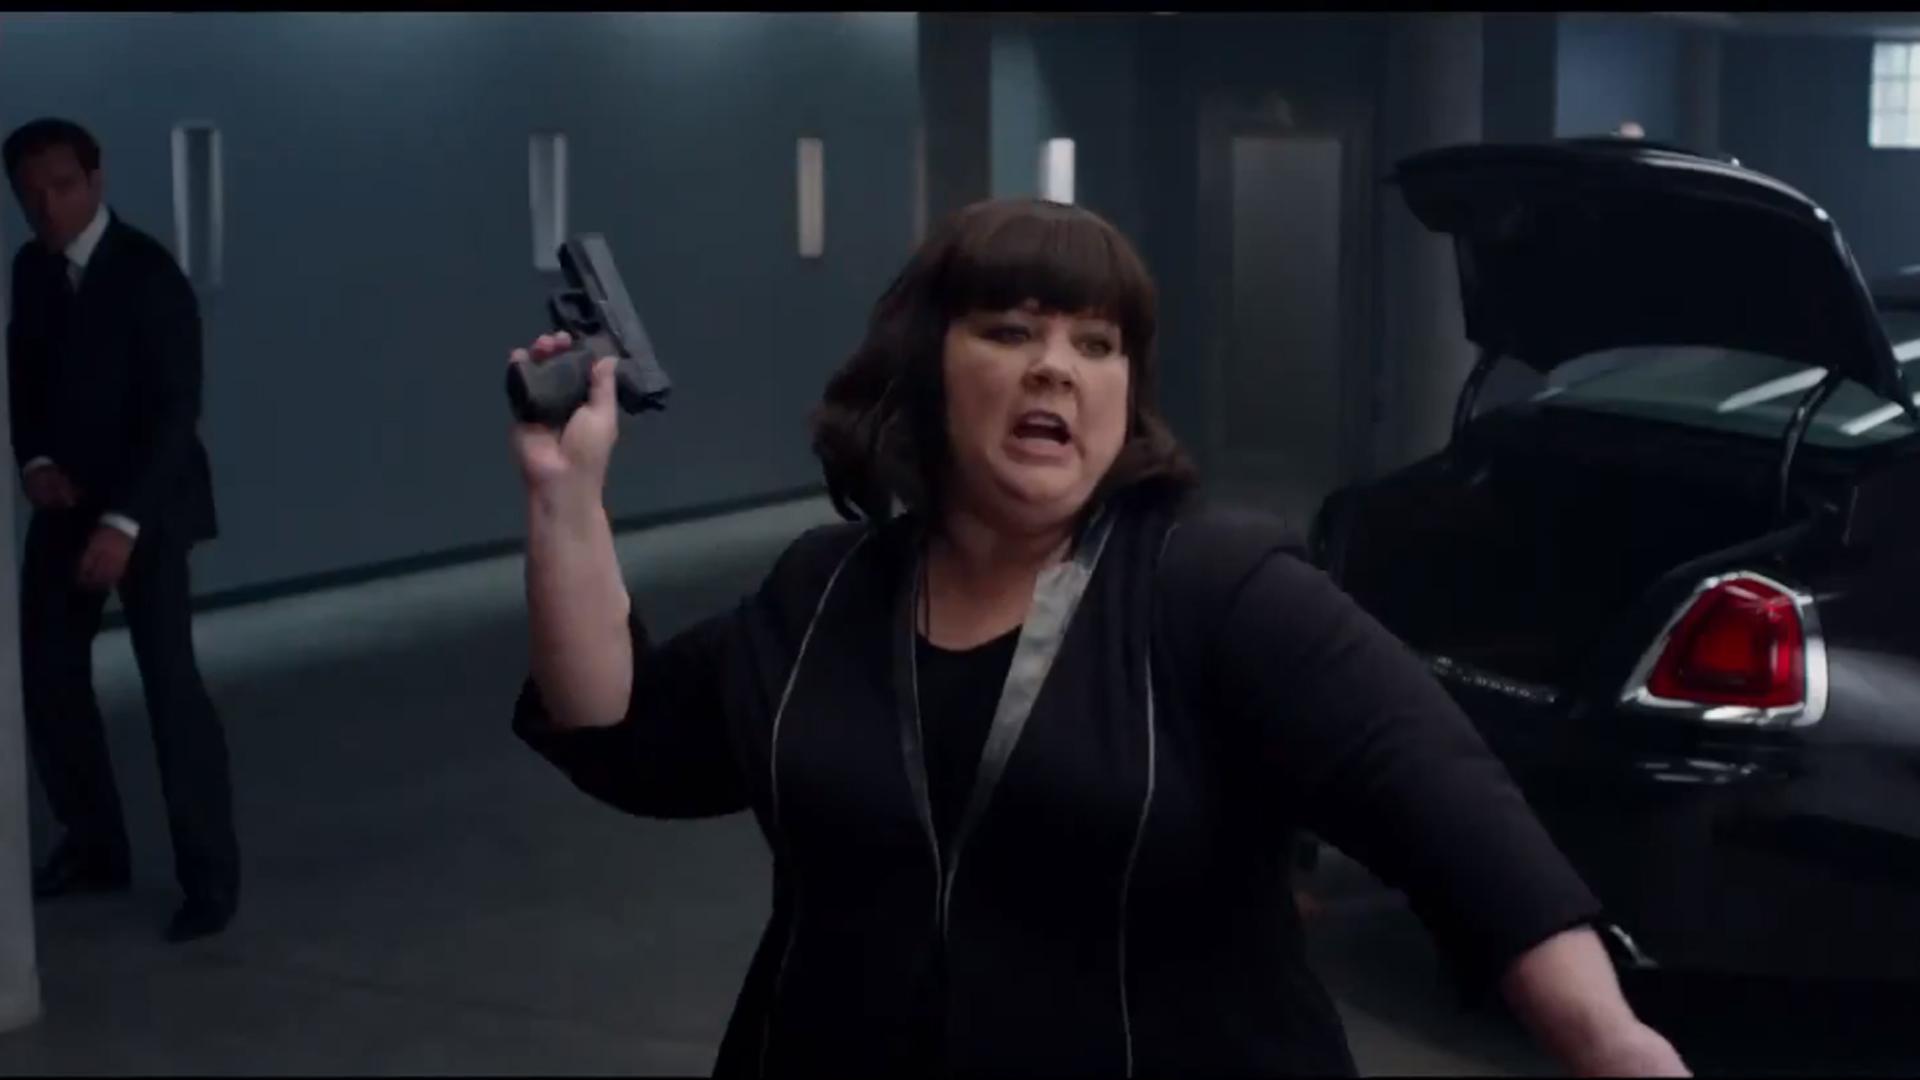 Spy 2015 Filmcentric